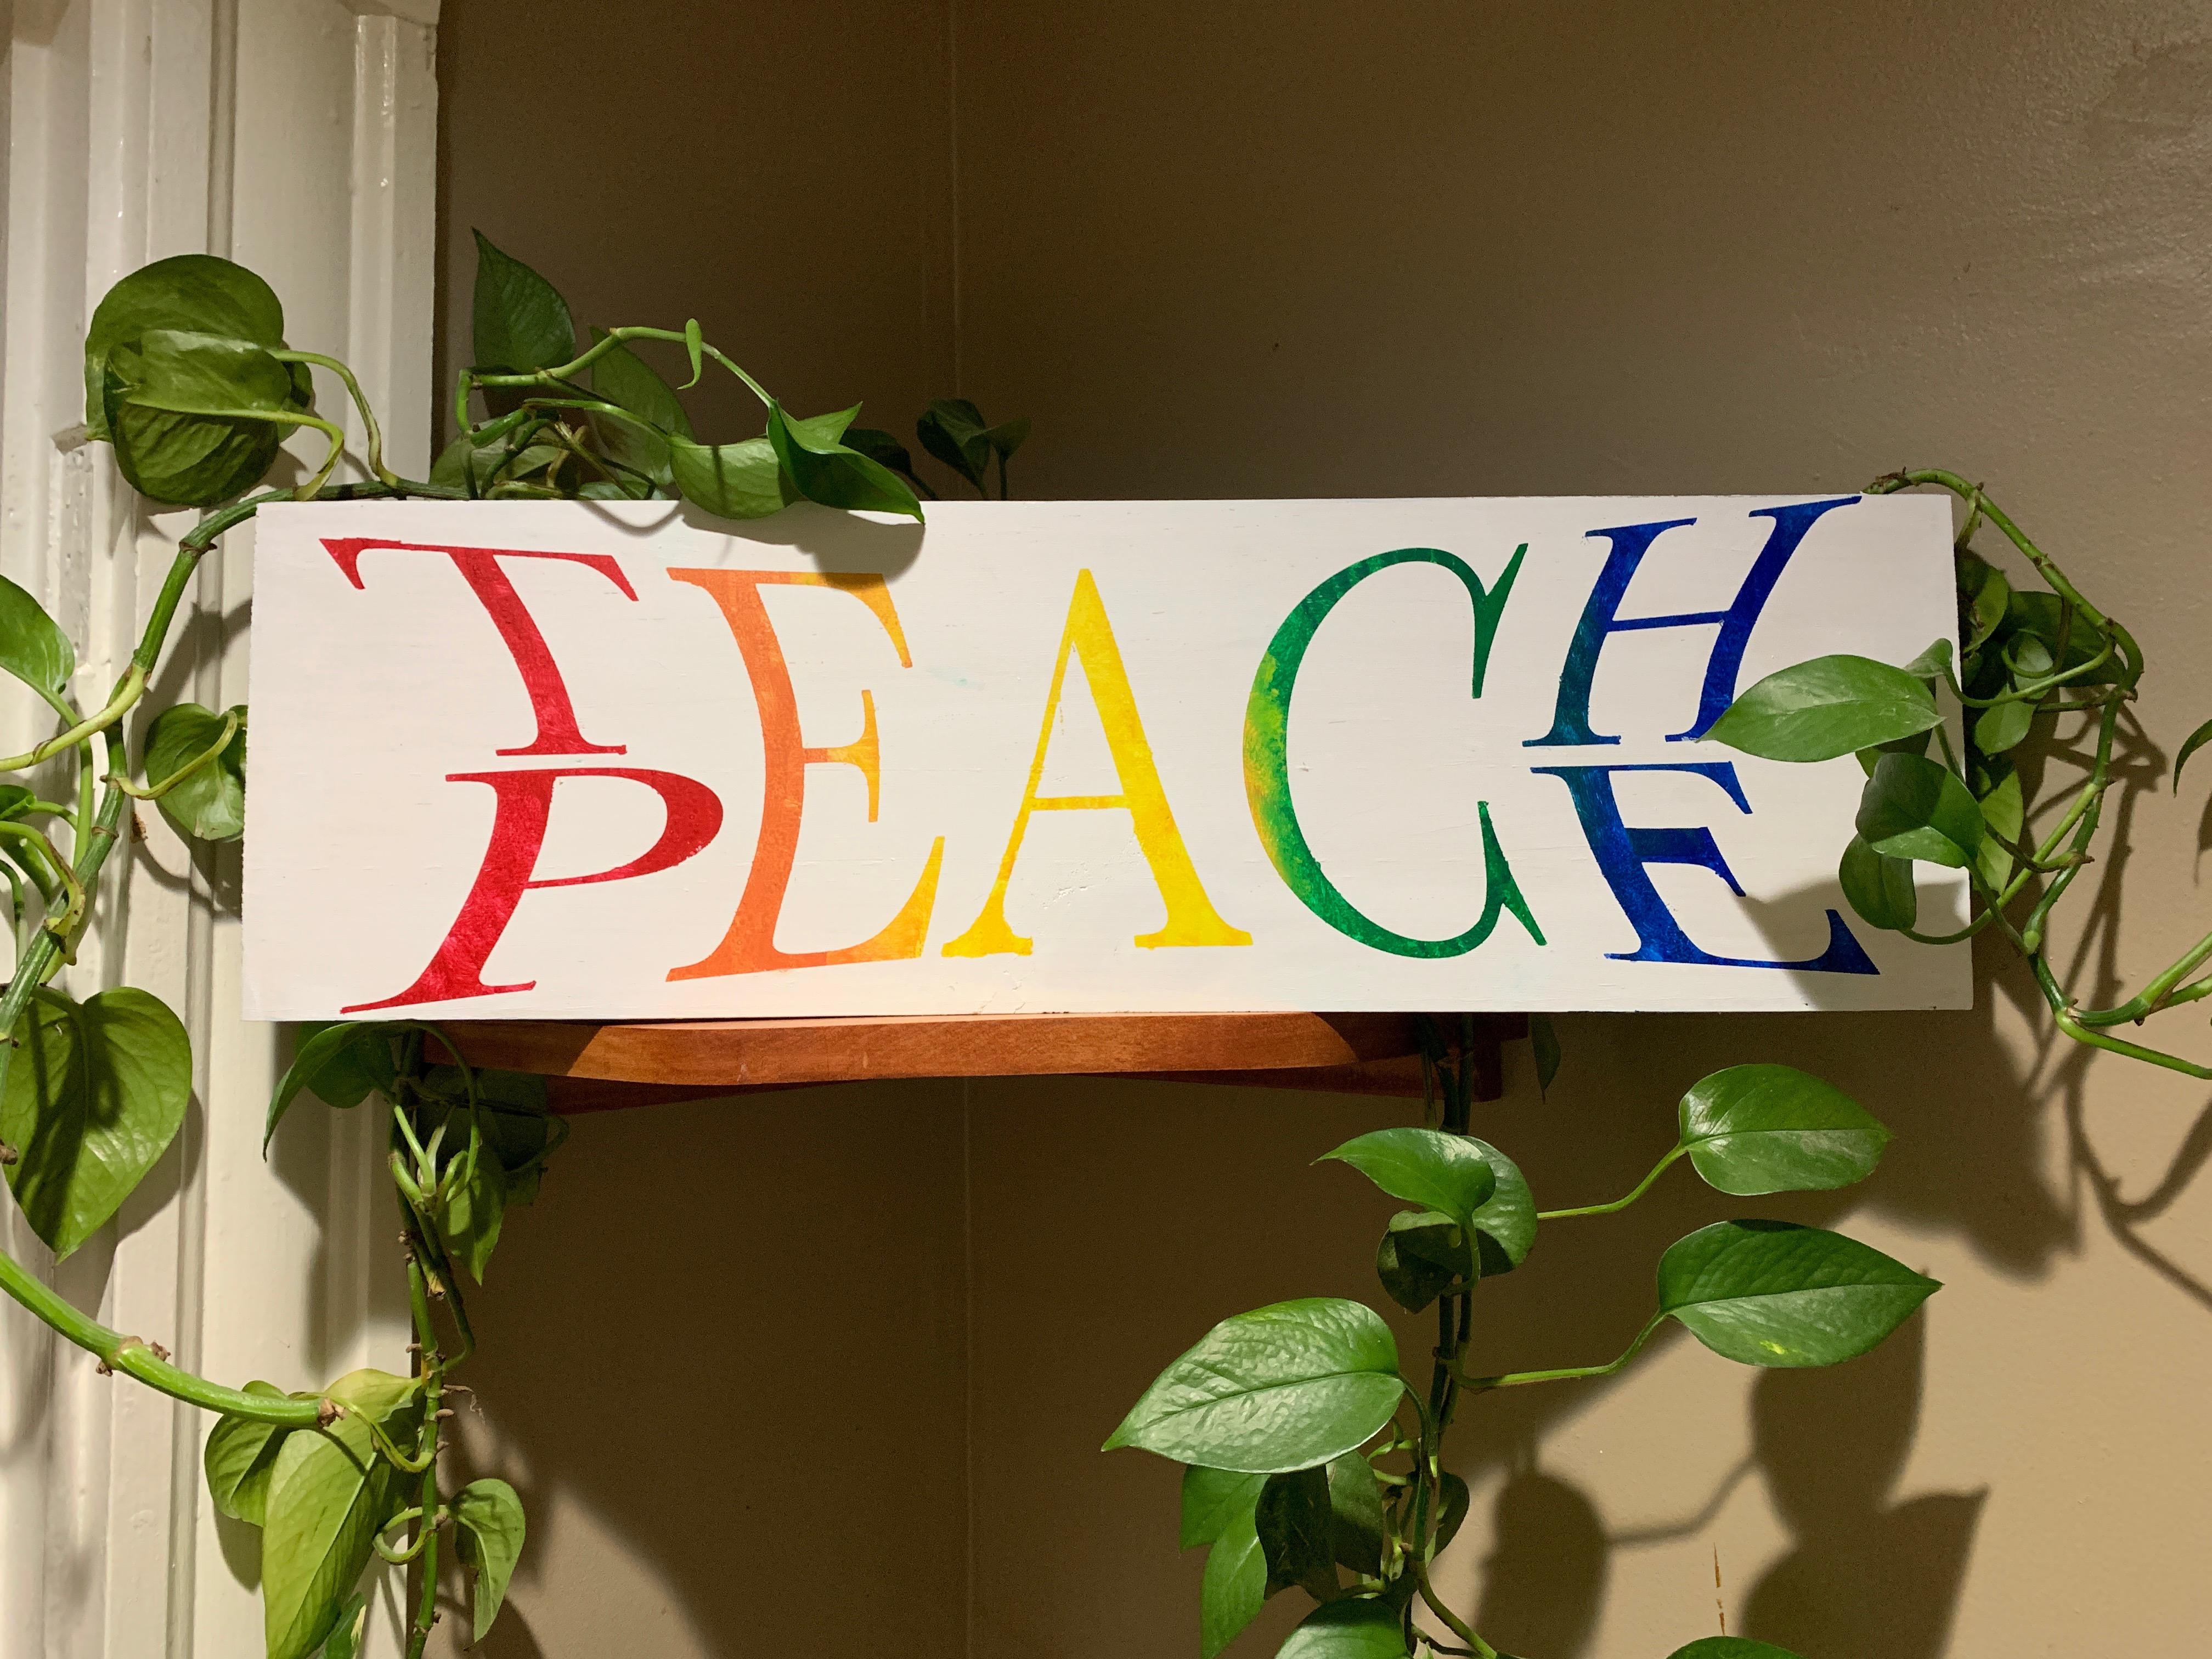 321 TEACH PEACE